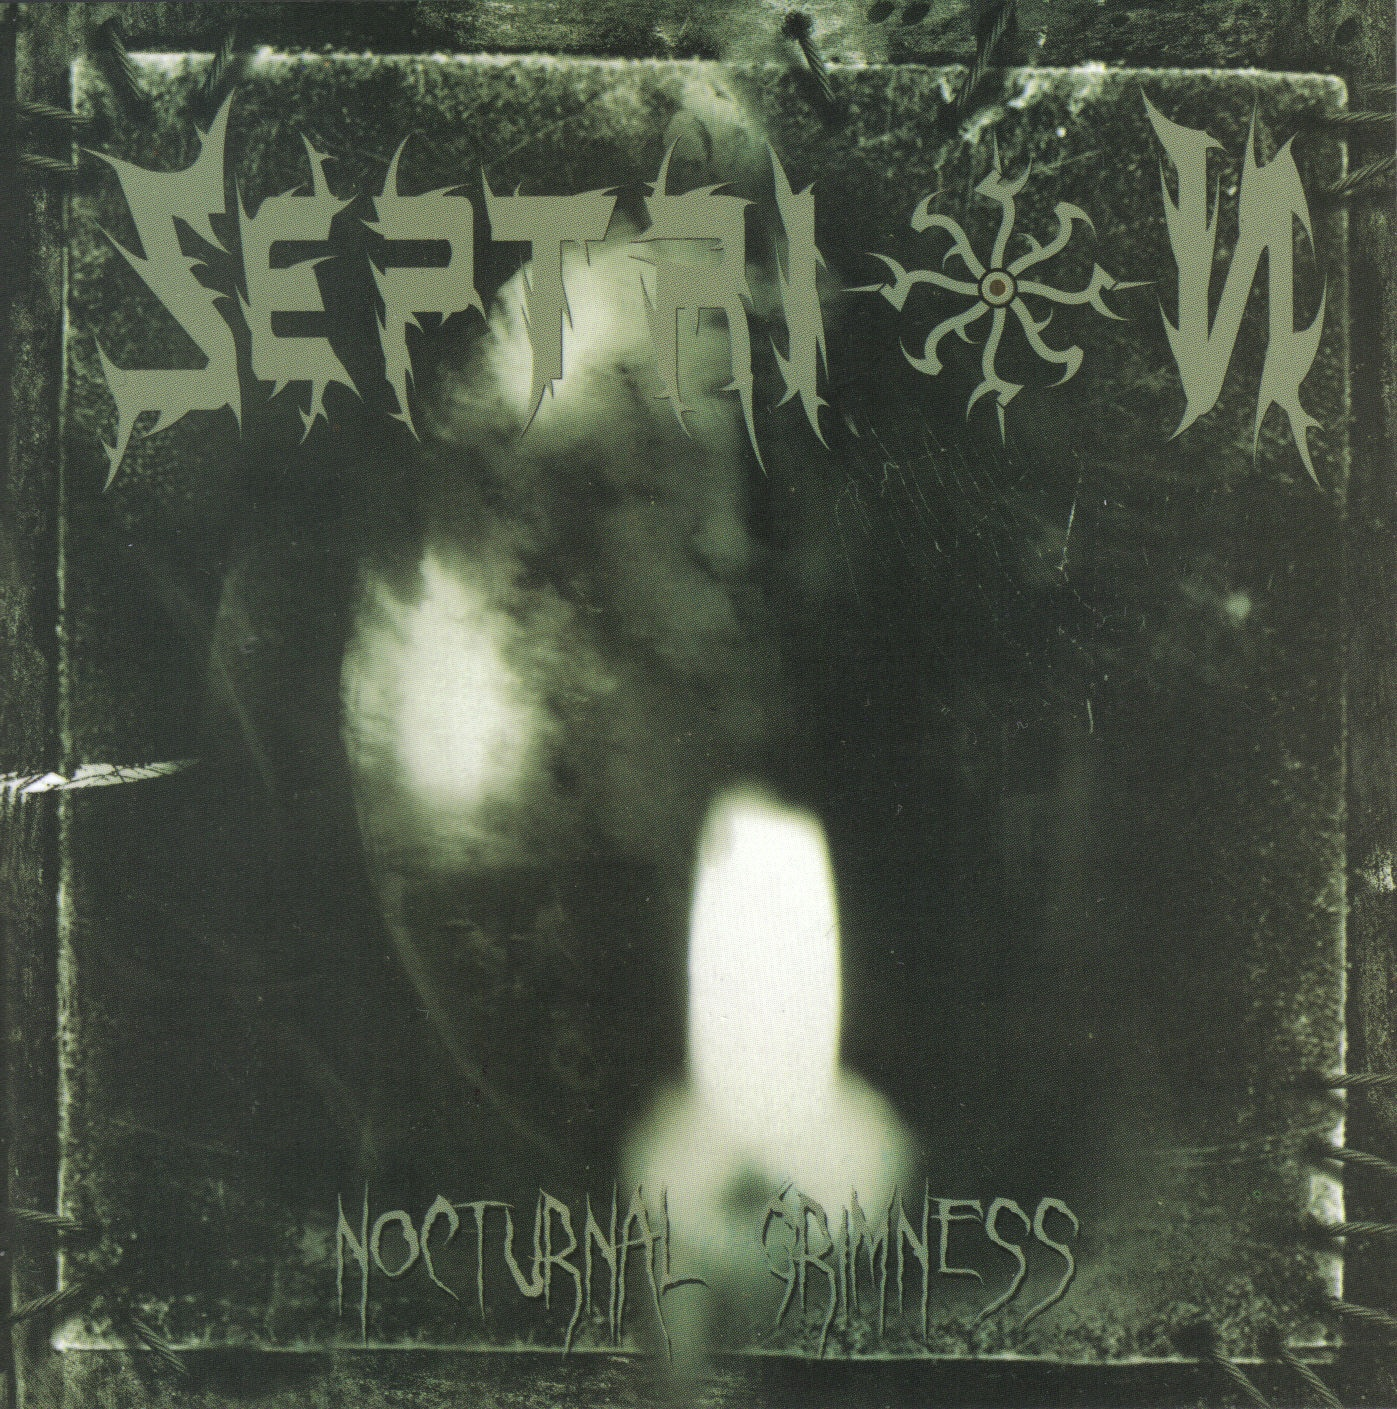 SEPTRION Nocturnal Grimness